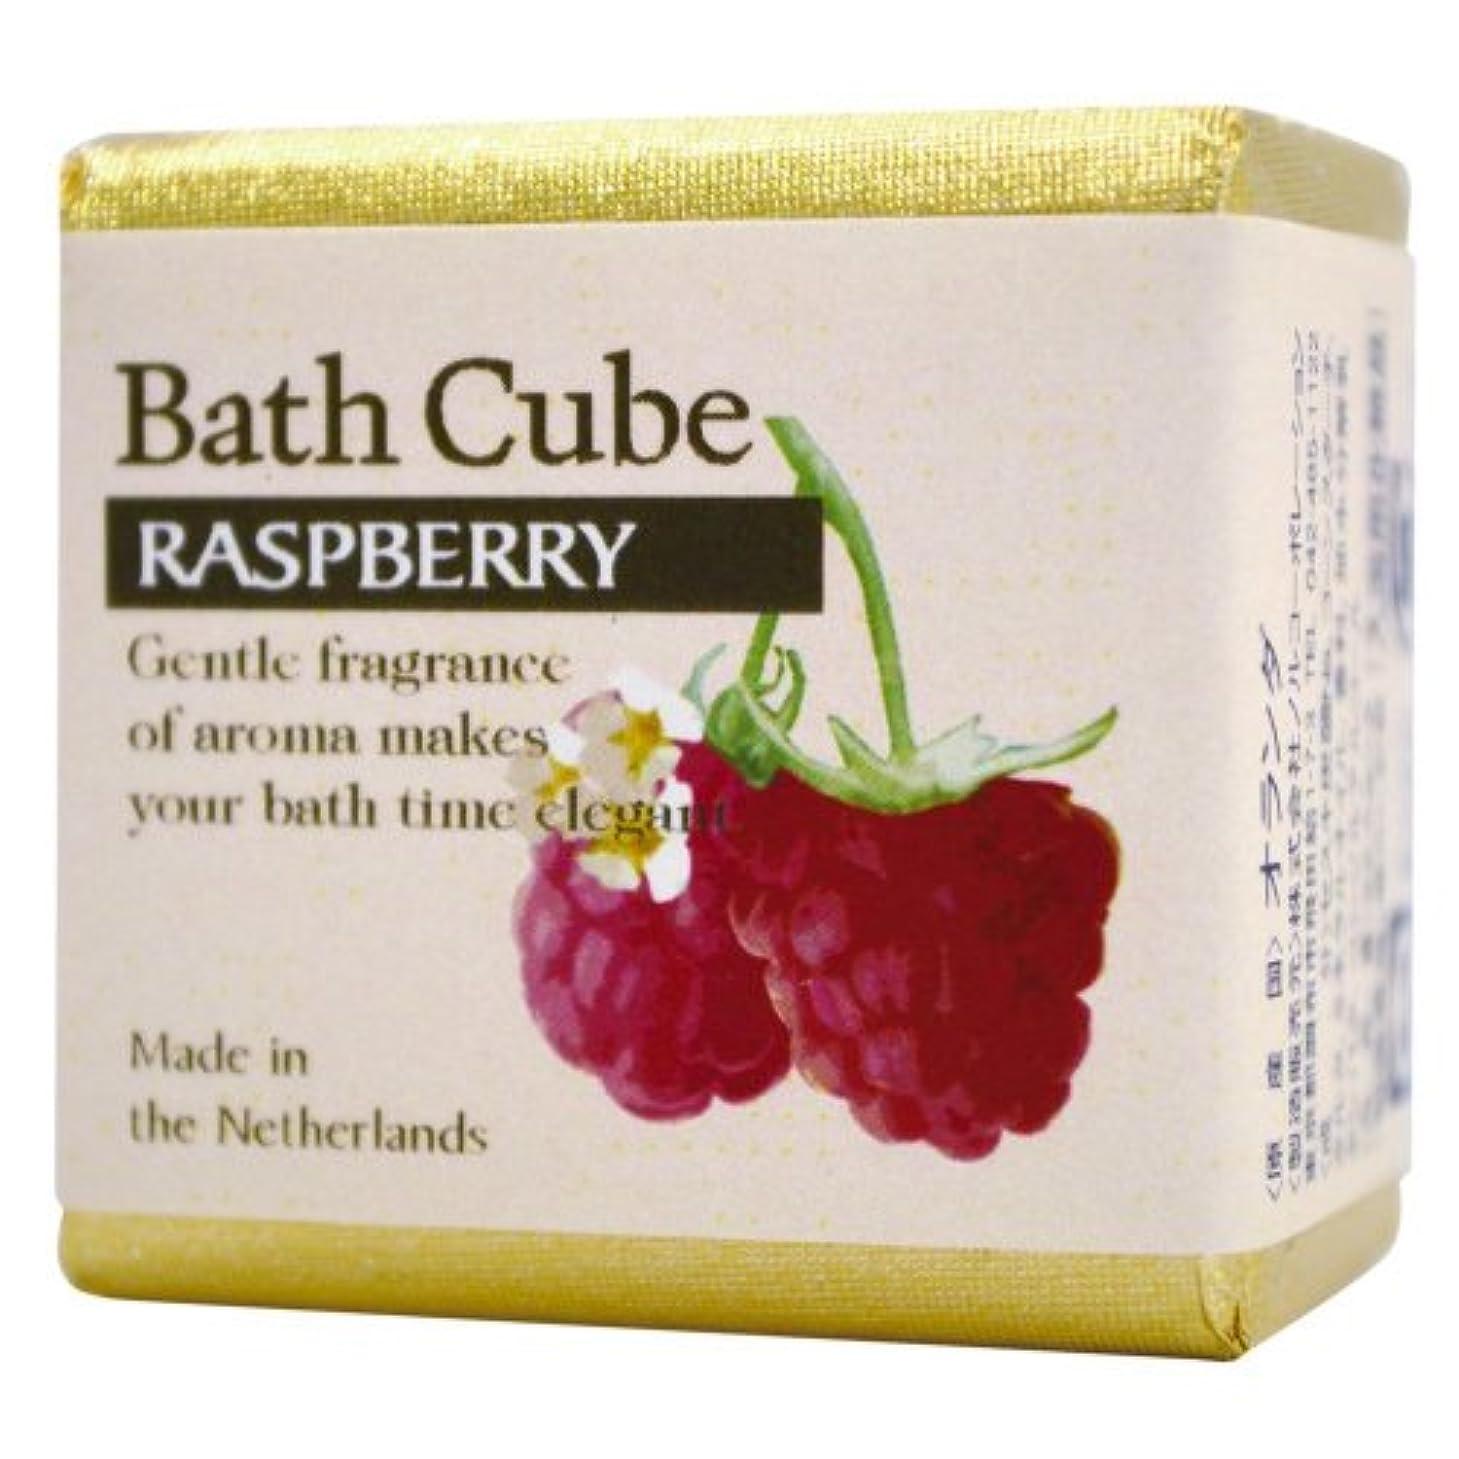 オーブン打ち負かすスキニーフレグランスキューブ ラズベリーの香り キューブ型のエレガントな入浴剤